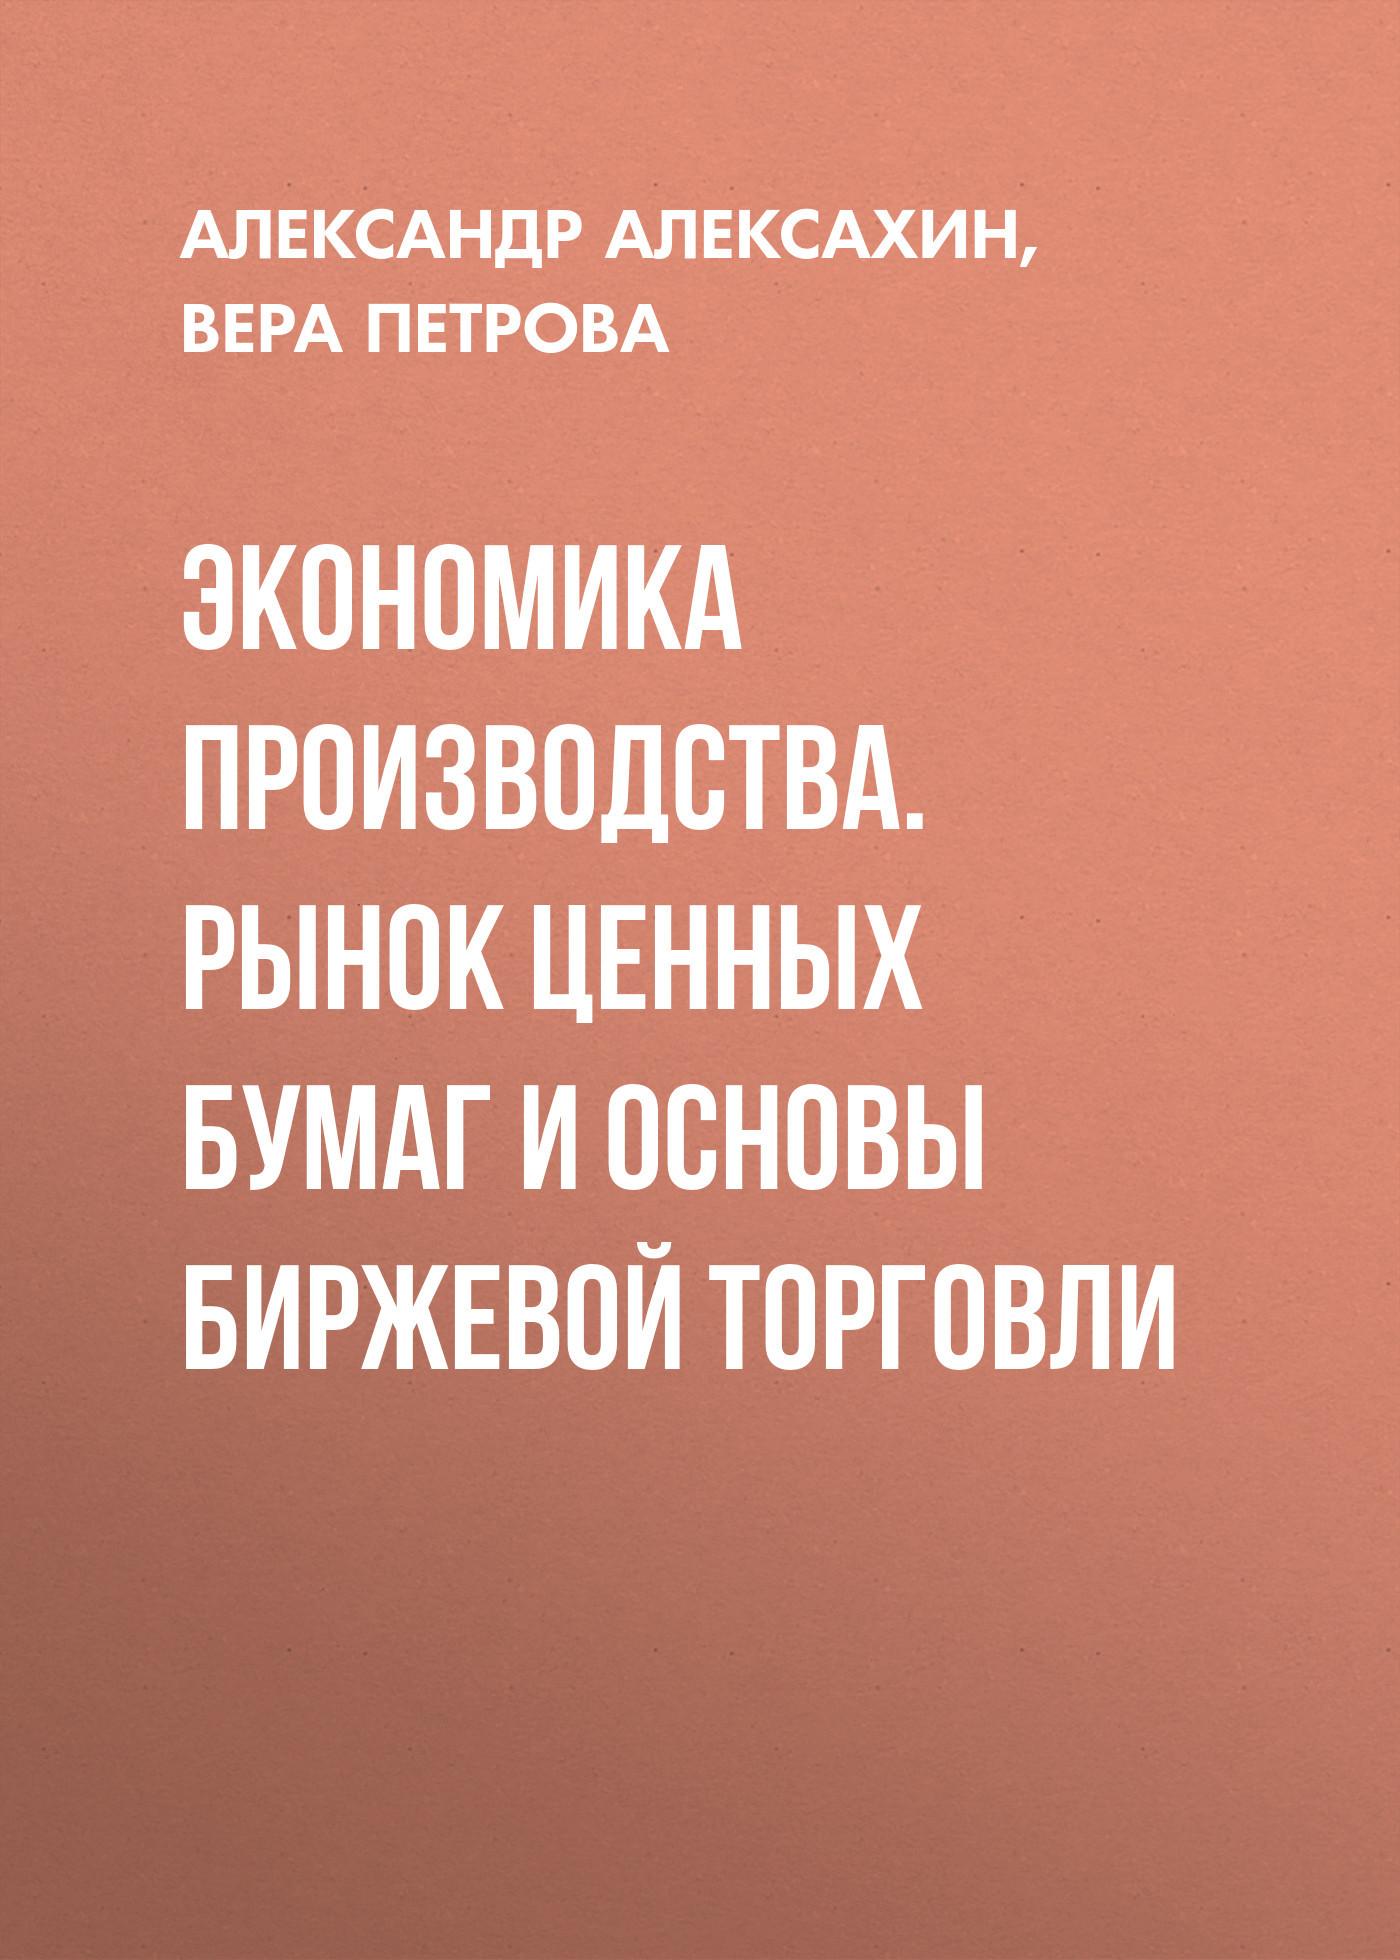 Александр Алексахин Экономика производства. Рынок ценных бумаг и основы биржевой торговли галанов в рынок ценных бумаг